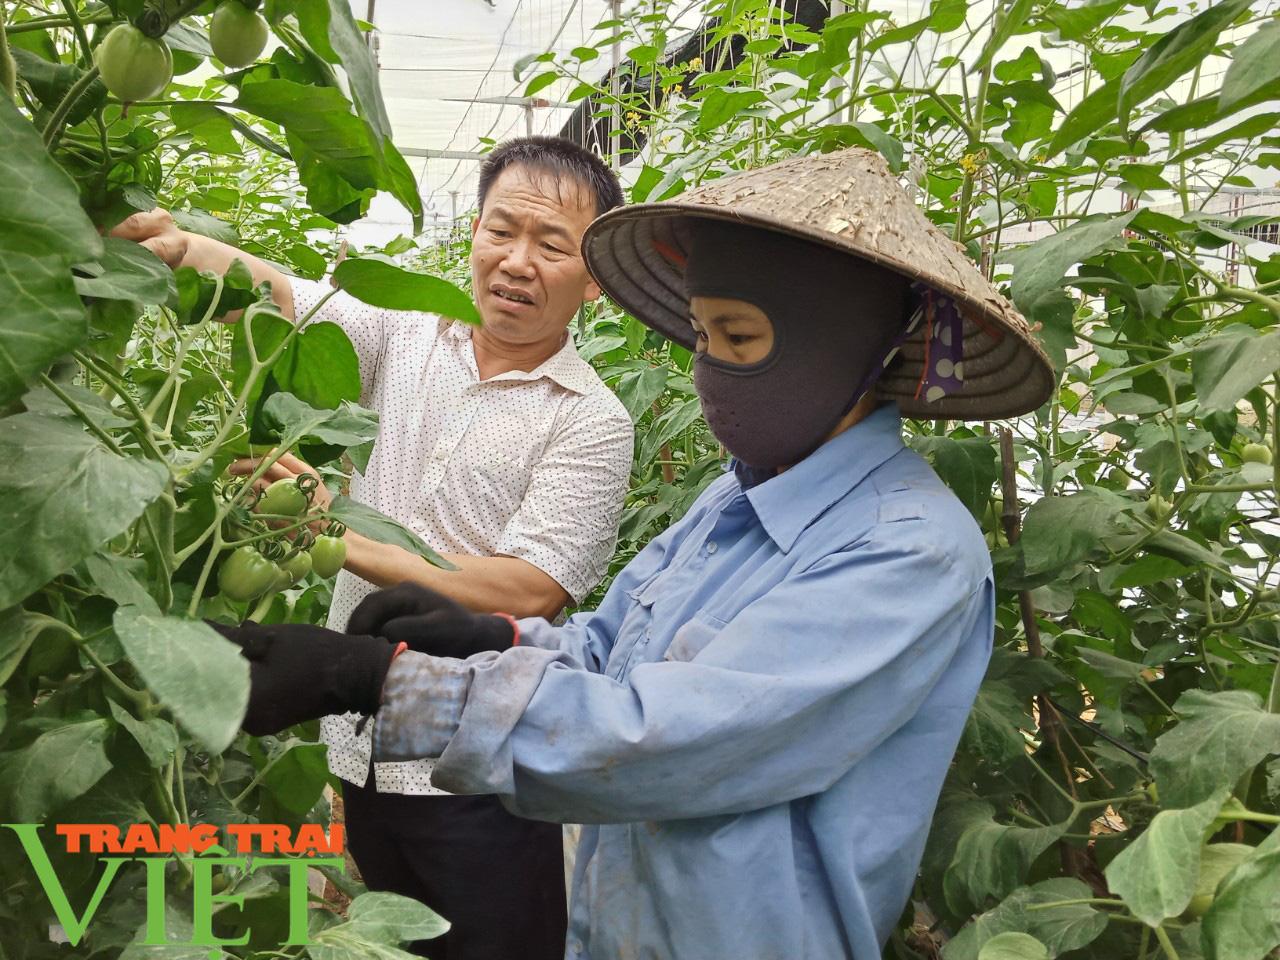 HTX Nông nghiệp Mường Tấc sản xuất nông nghiệp theo hướng hữu cơ - Ảnh 1.